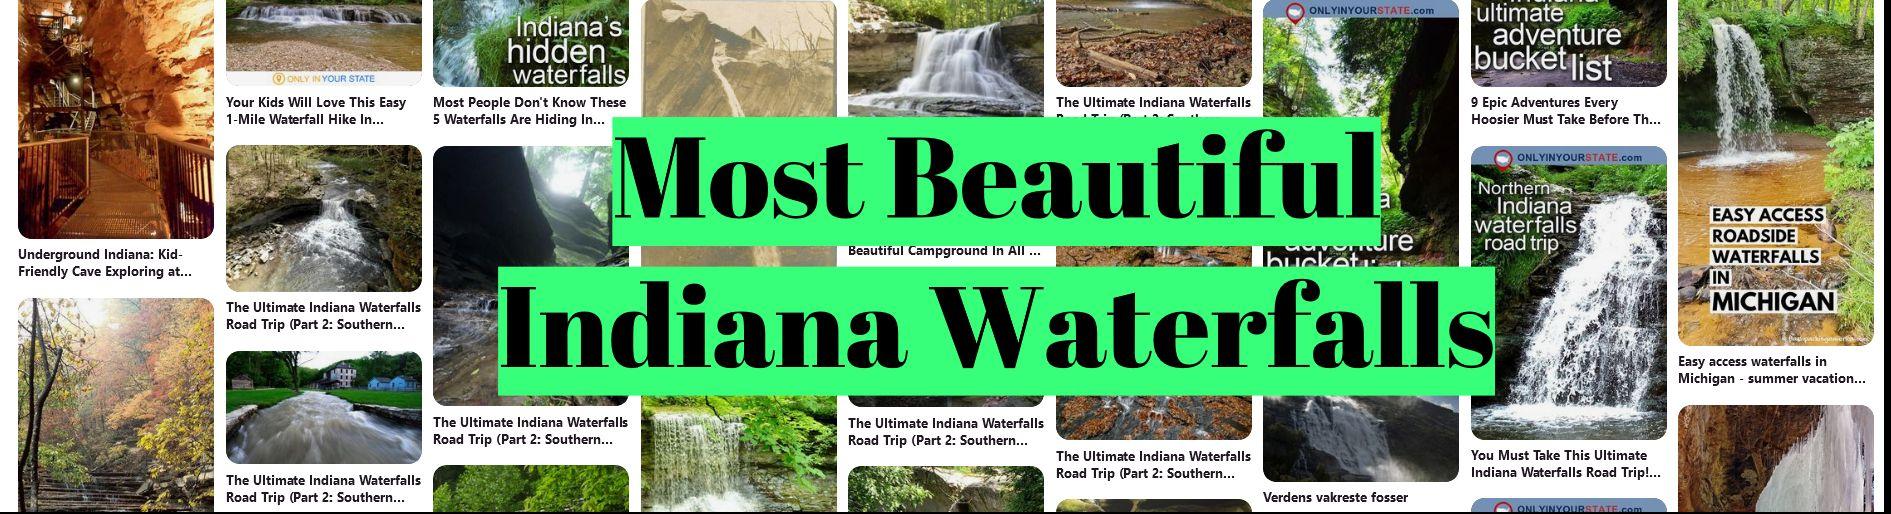 Most Beautiful Indiana Waterfalls